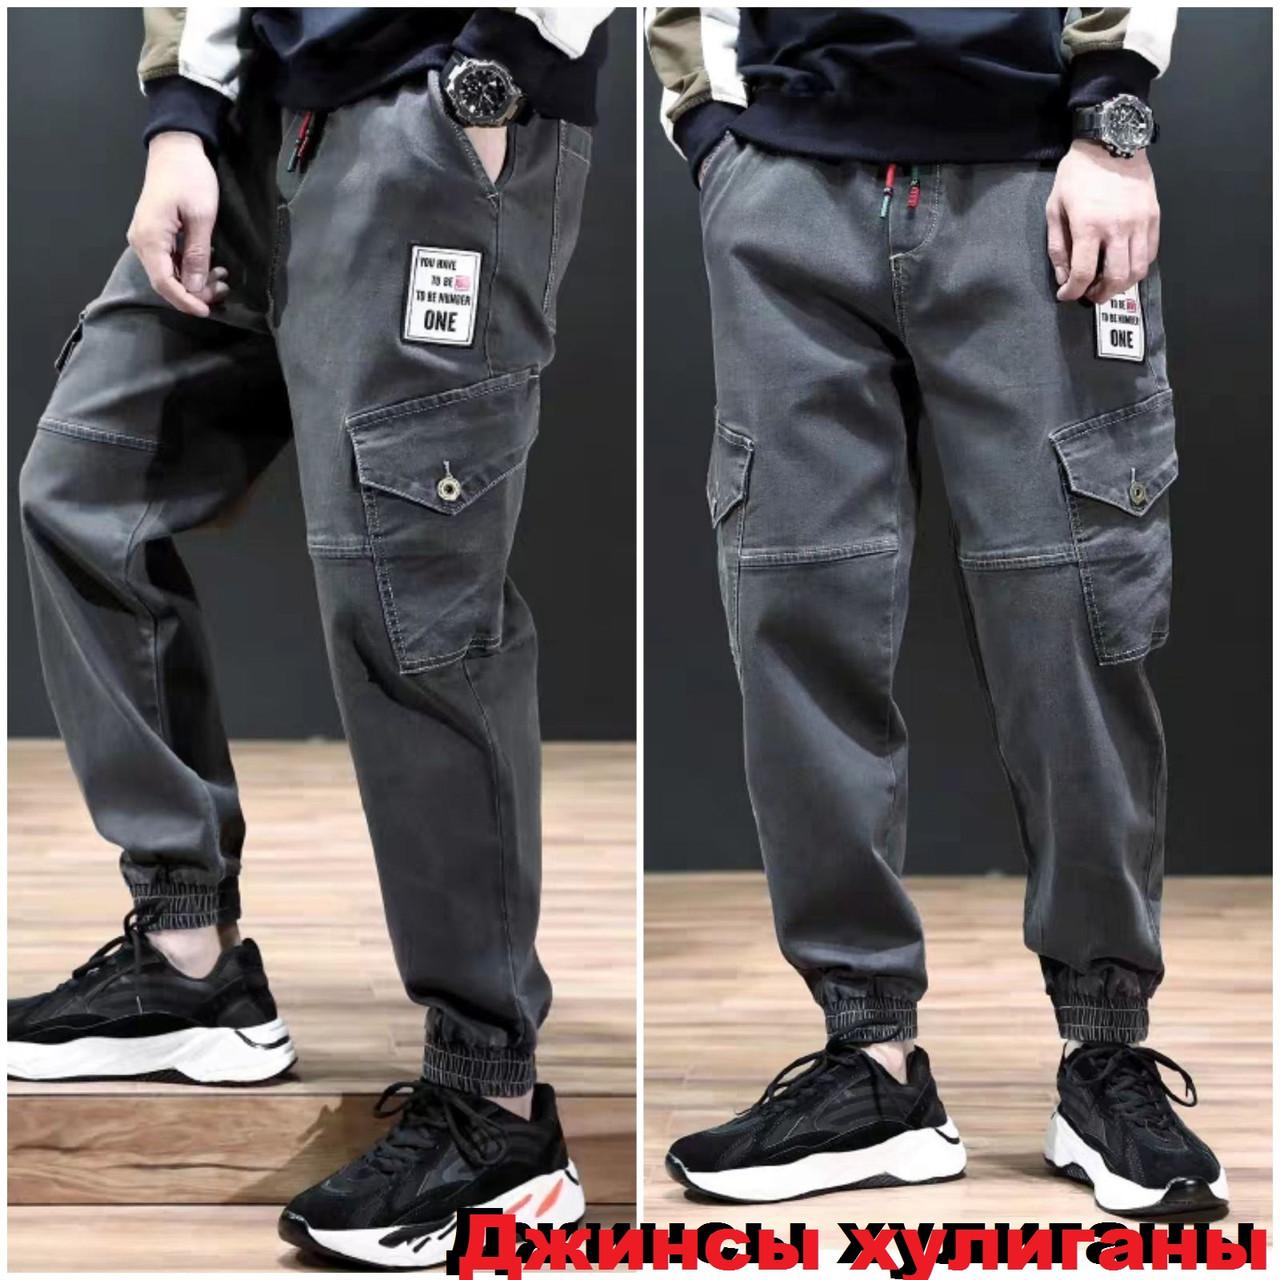 Мужские штаны с карманами 3D ONE. Серые джинсы хулиганы, зауженные брюки бананы.